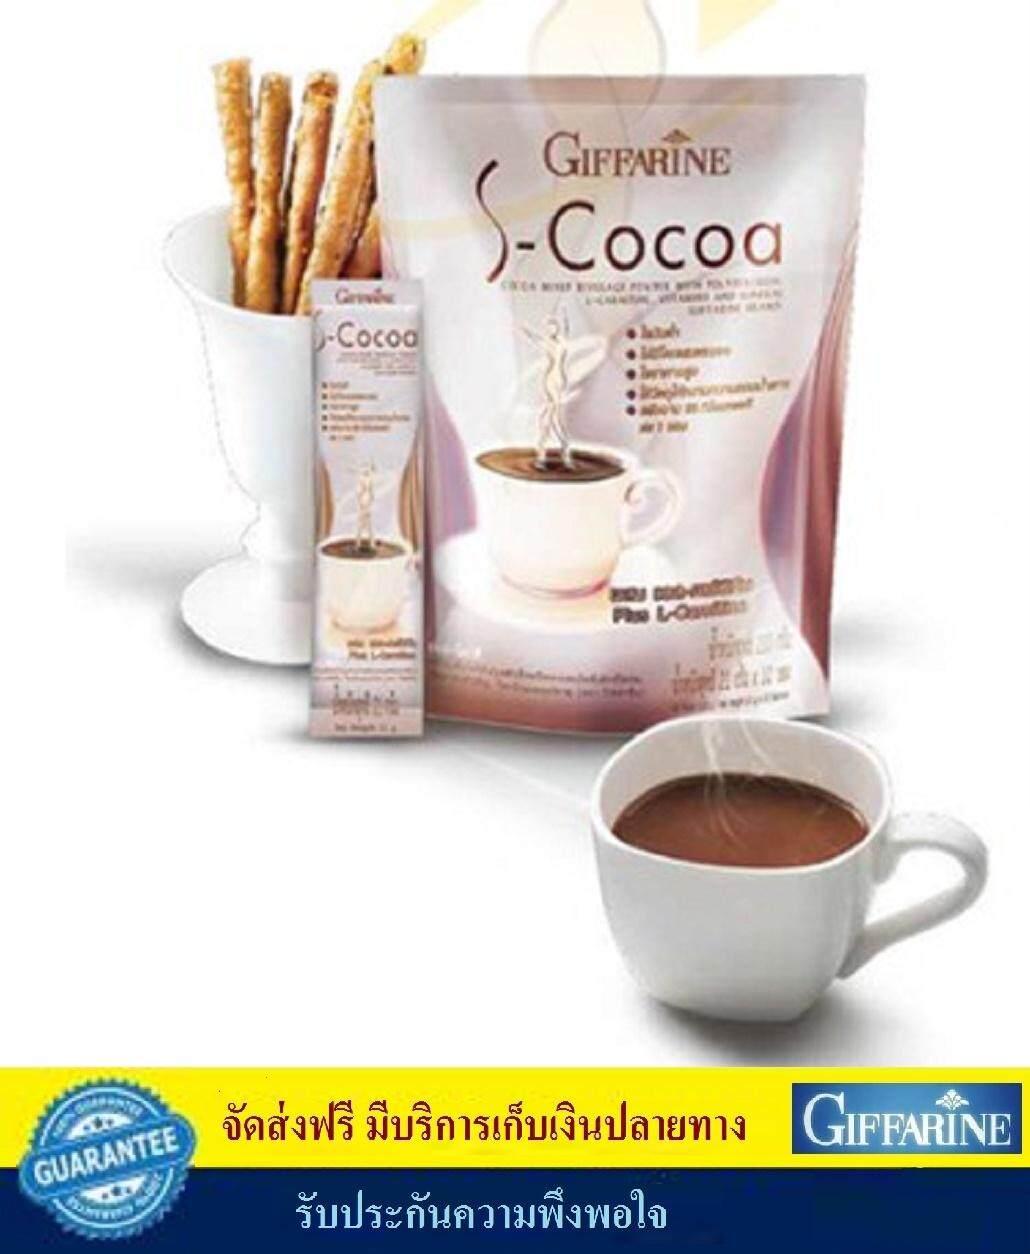 กิฟฟารีน-เครื่องดื่มเพื่อสุขภาพ เอส - โกโก้ ลดน้ำหนัก ลดความอ้วน ไขมันต่ำ บำรุงสมอง ผสมแอลคานิทีน (1 ถุงบรรจุ 10 ซอง) Giffarine-S-Cocoa.